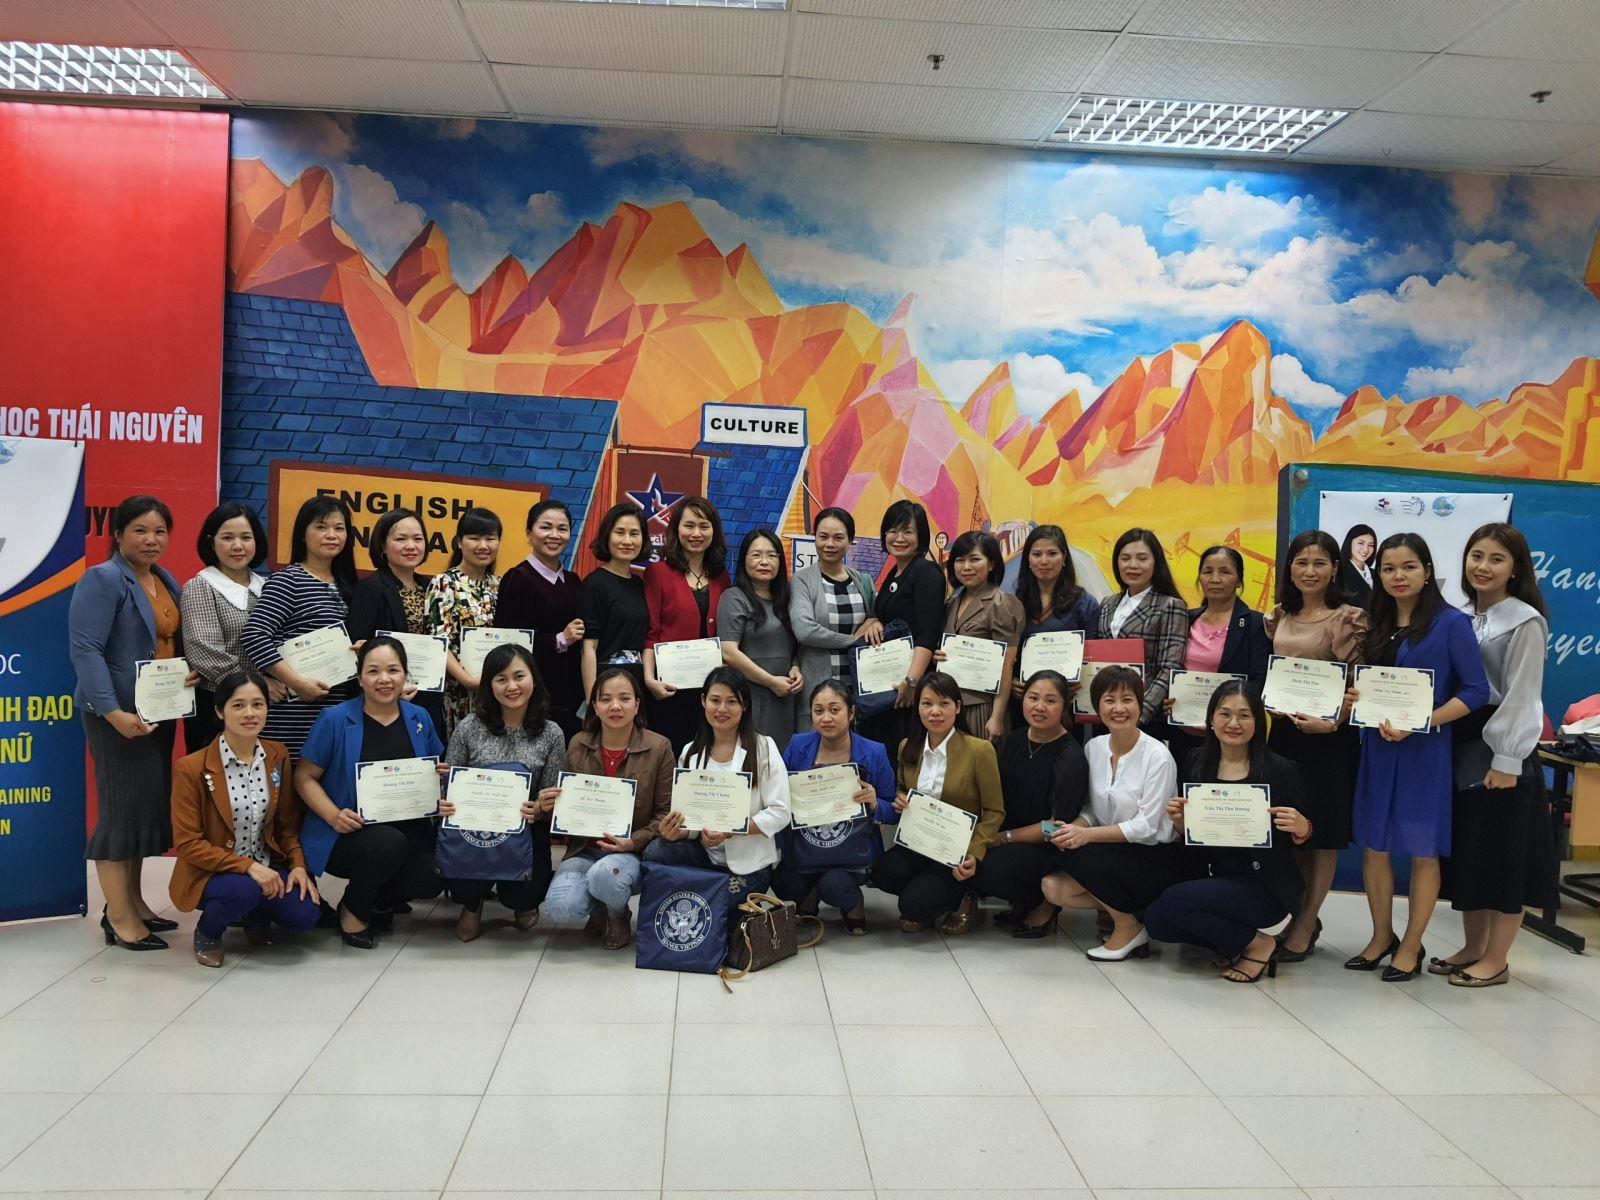 Khóa học bồi dưỡng Kỹ năng lãnh đạo cho phụ nữ tỉnh Thái Nguyên